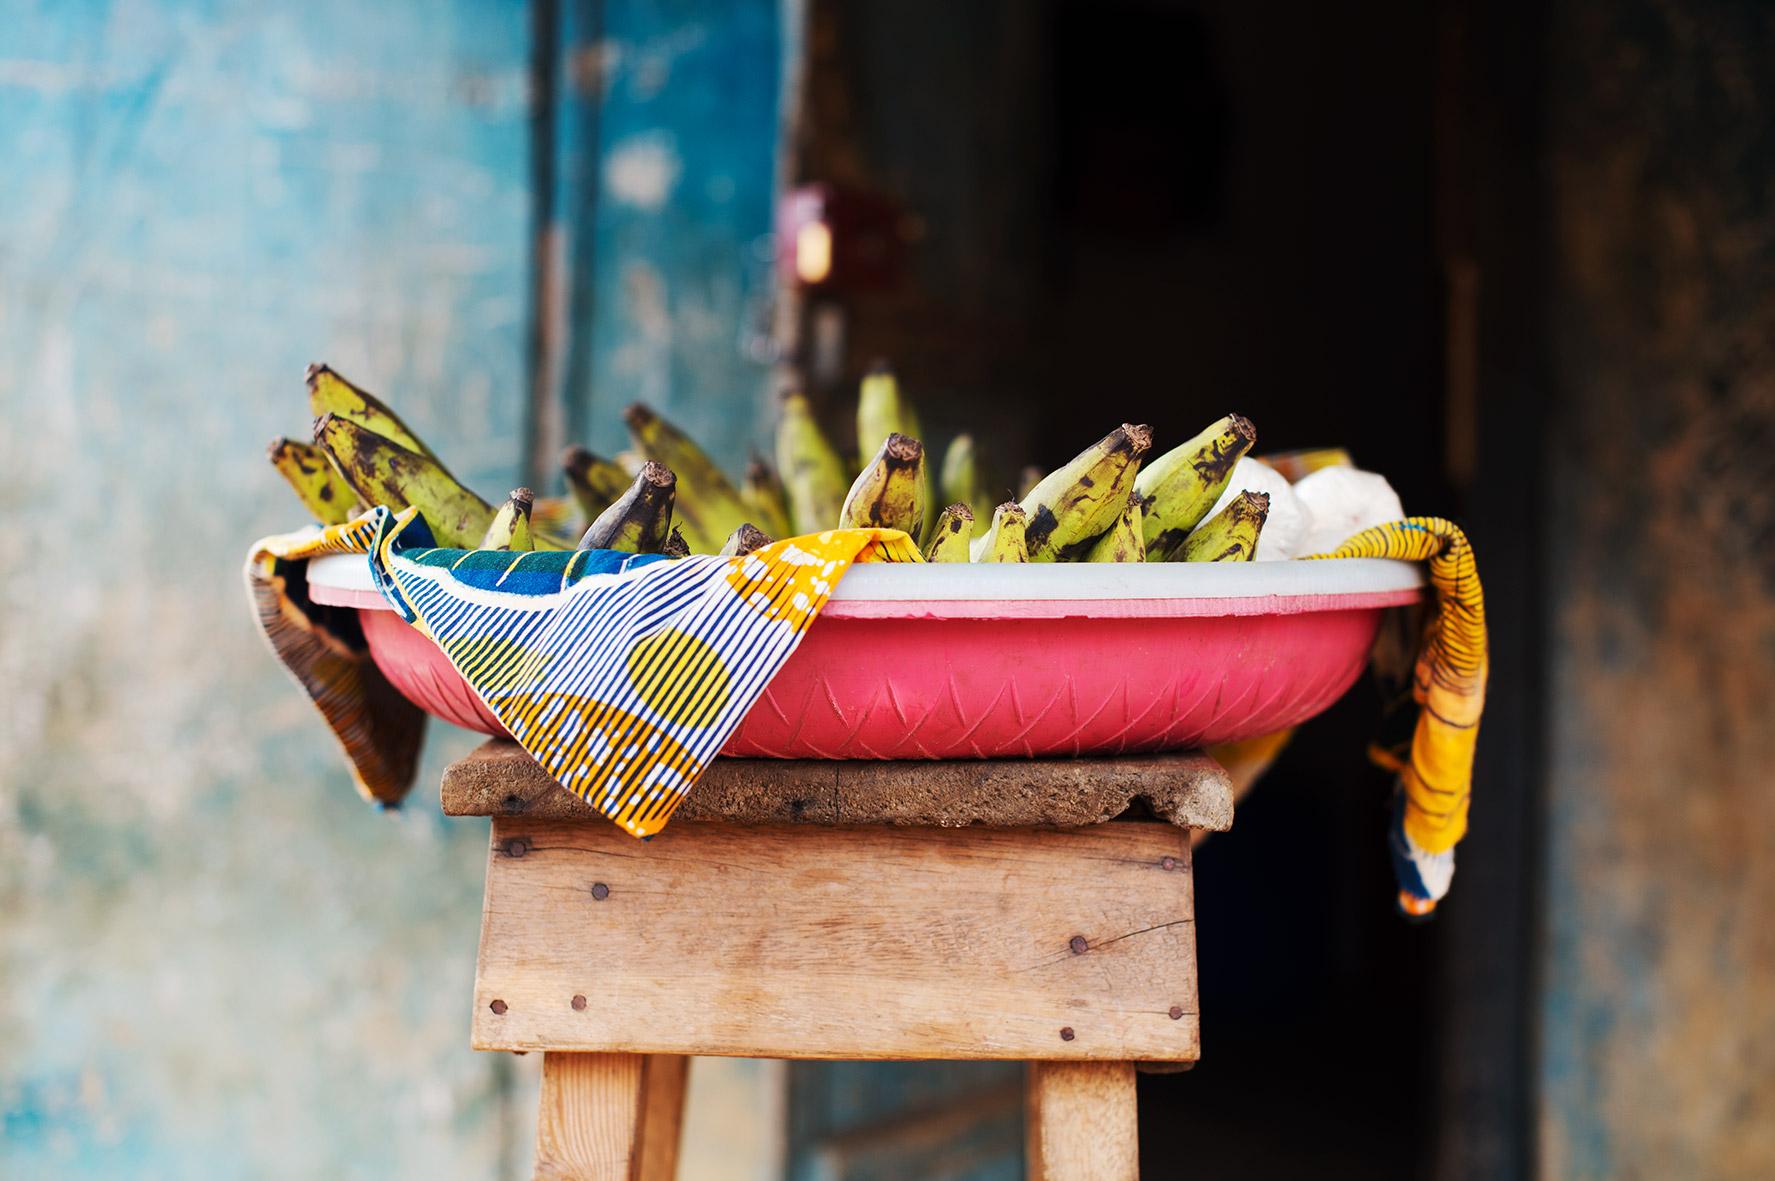 Kochbanane und afrikanische Stoff, Bild aus Afrika erhältlich im Onlineshop